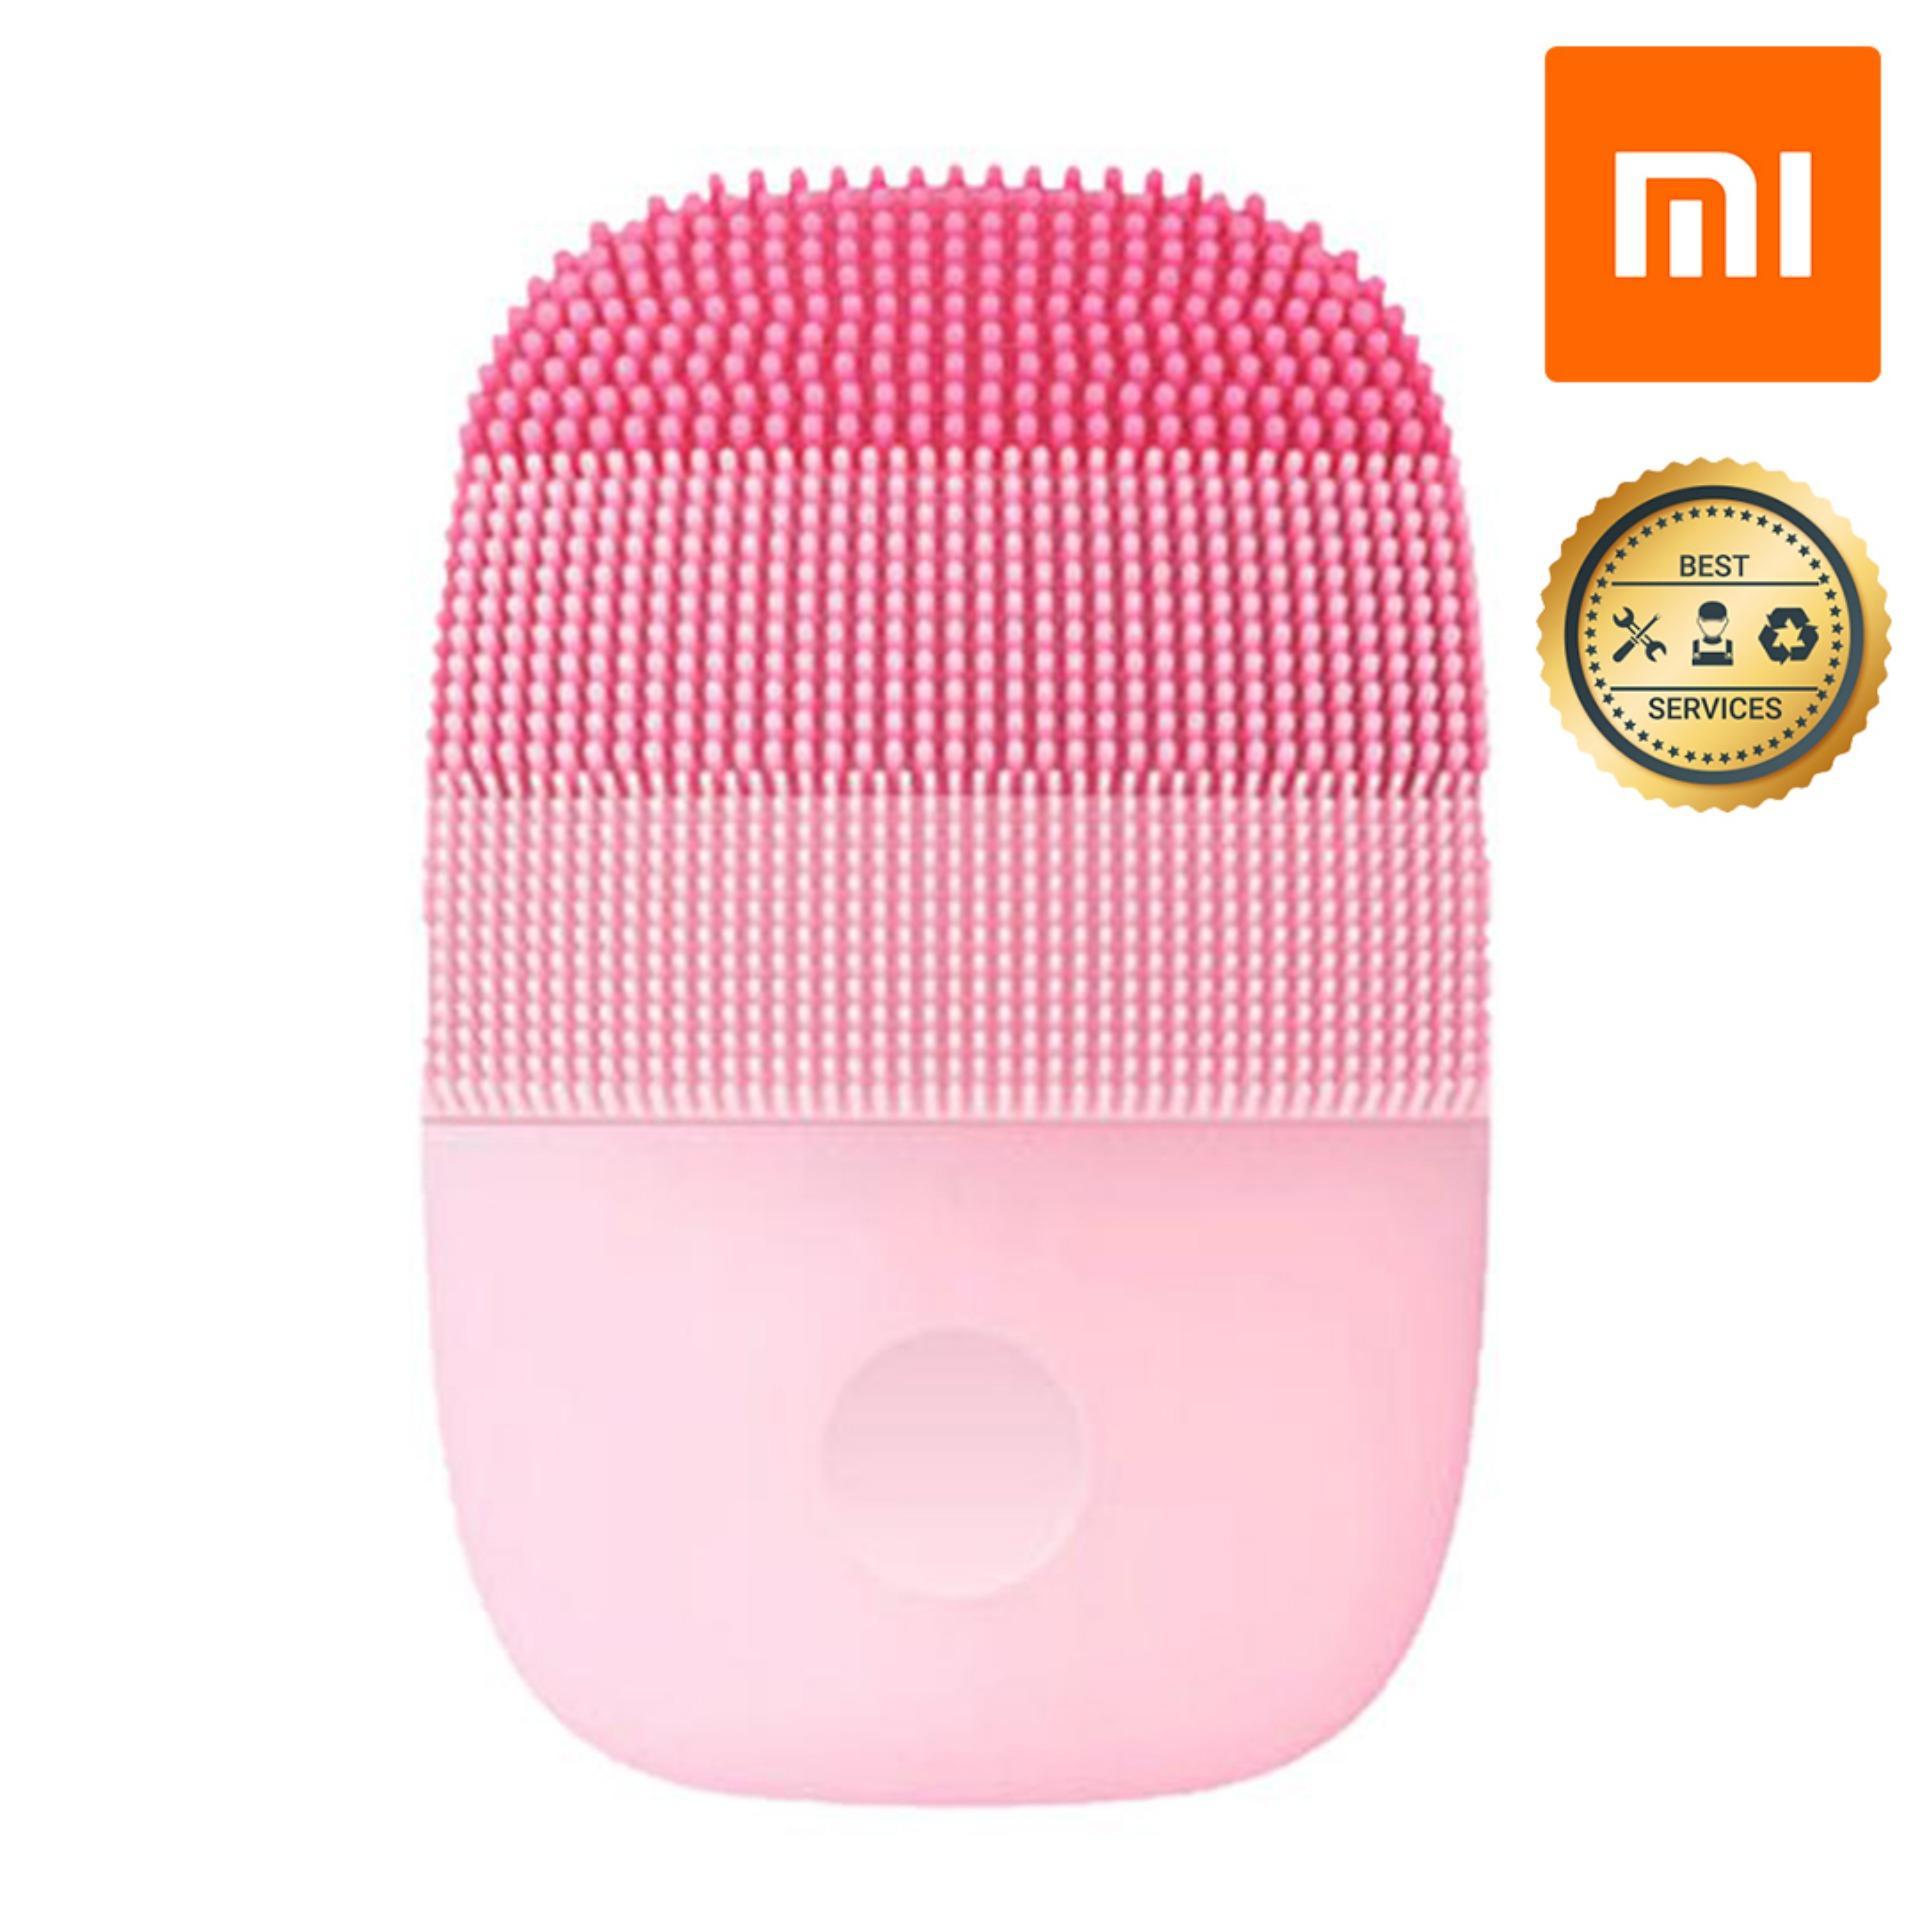 Máy rửa mặt sóng âm Xiaomi InFace MS-2000 ( Hồng) YP3008055 chống nước chuẩn IPX7 - Hàng Chính Hãng